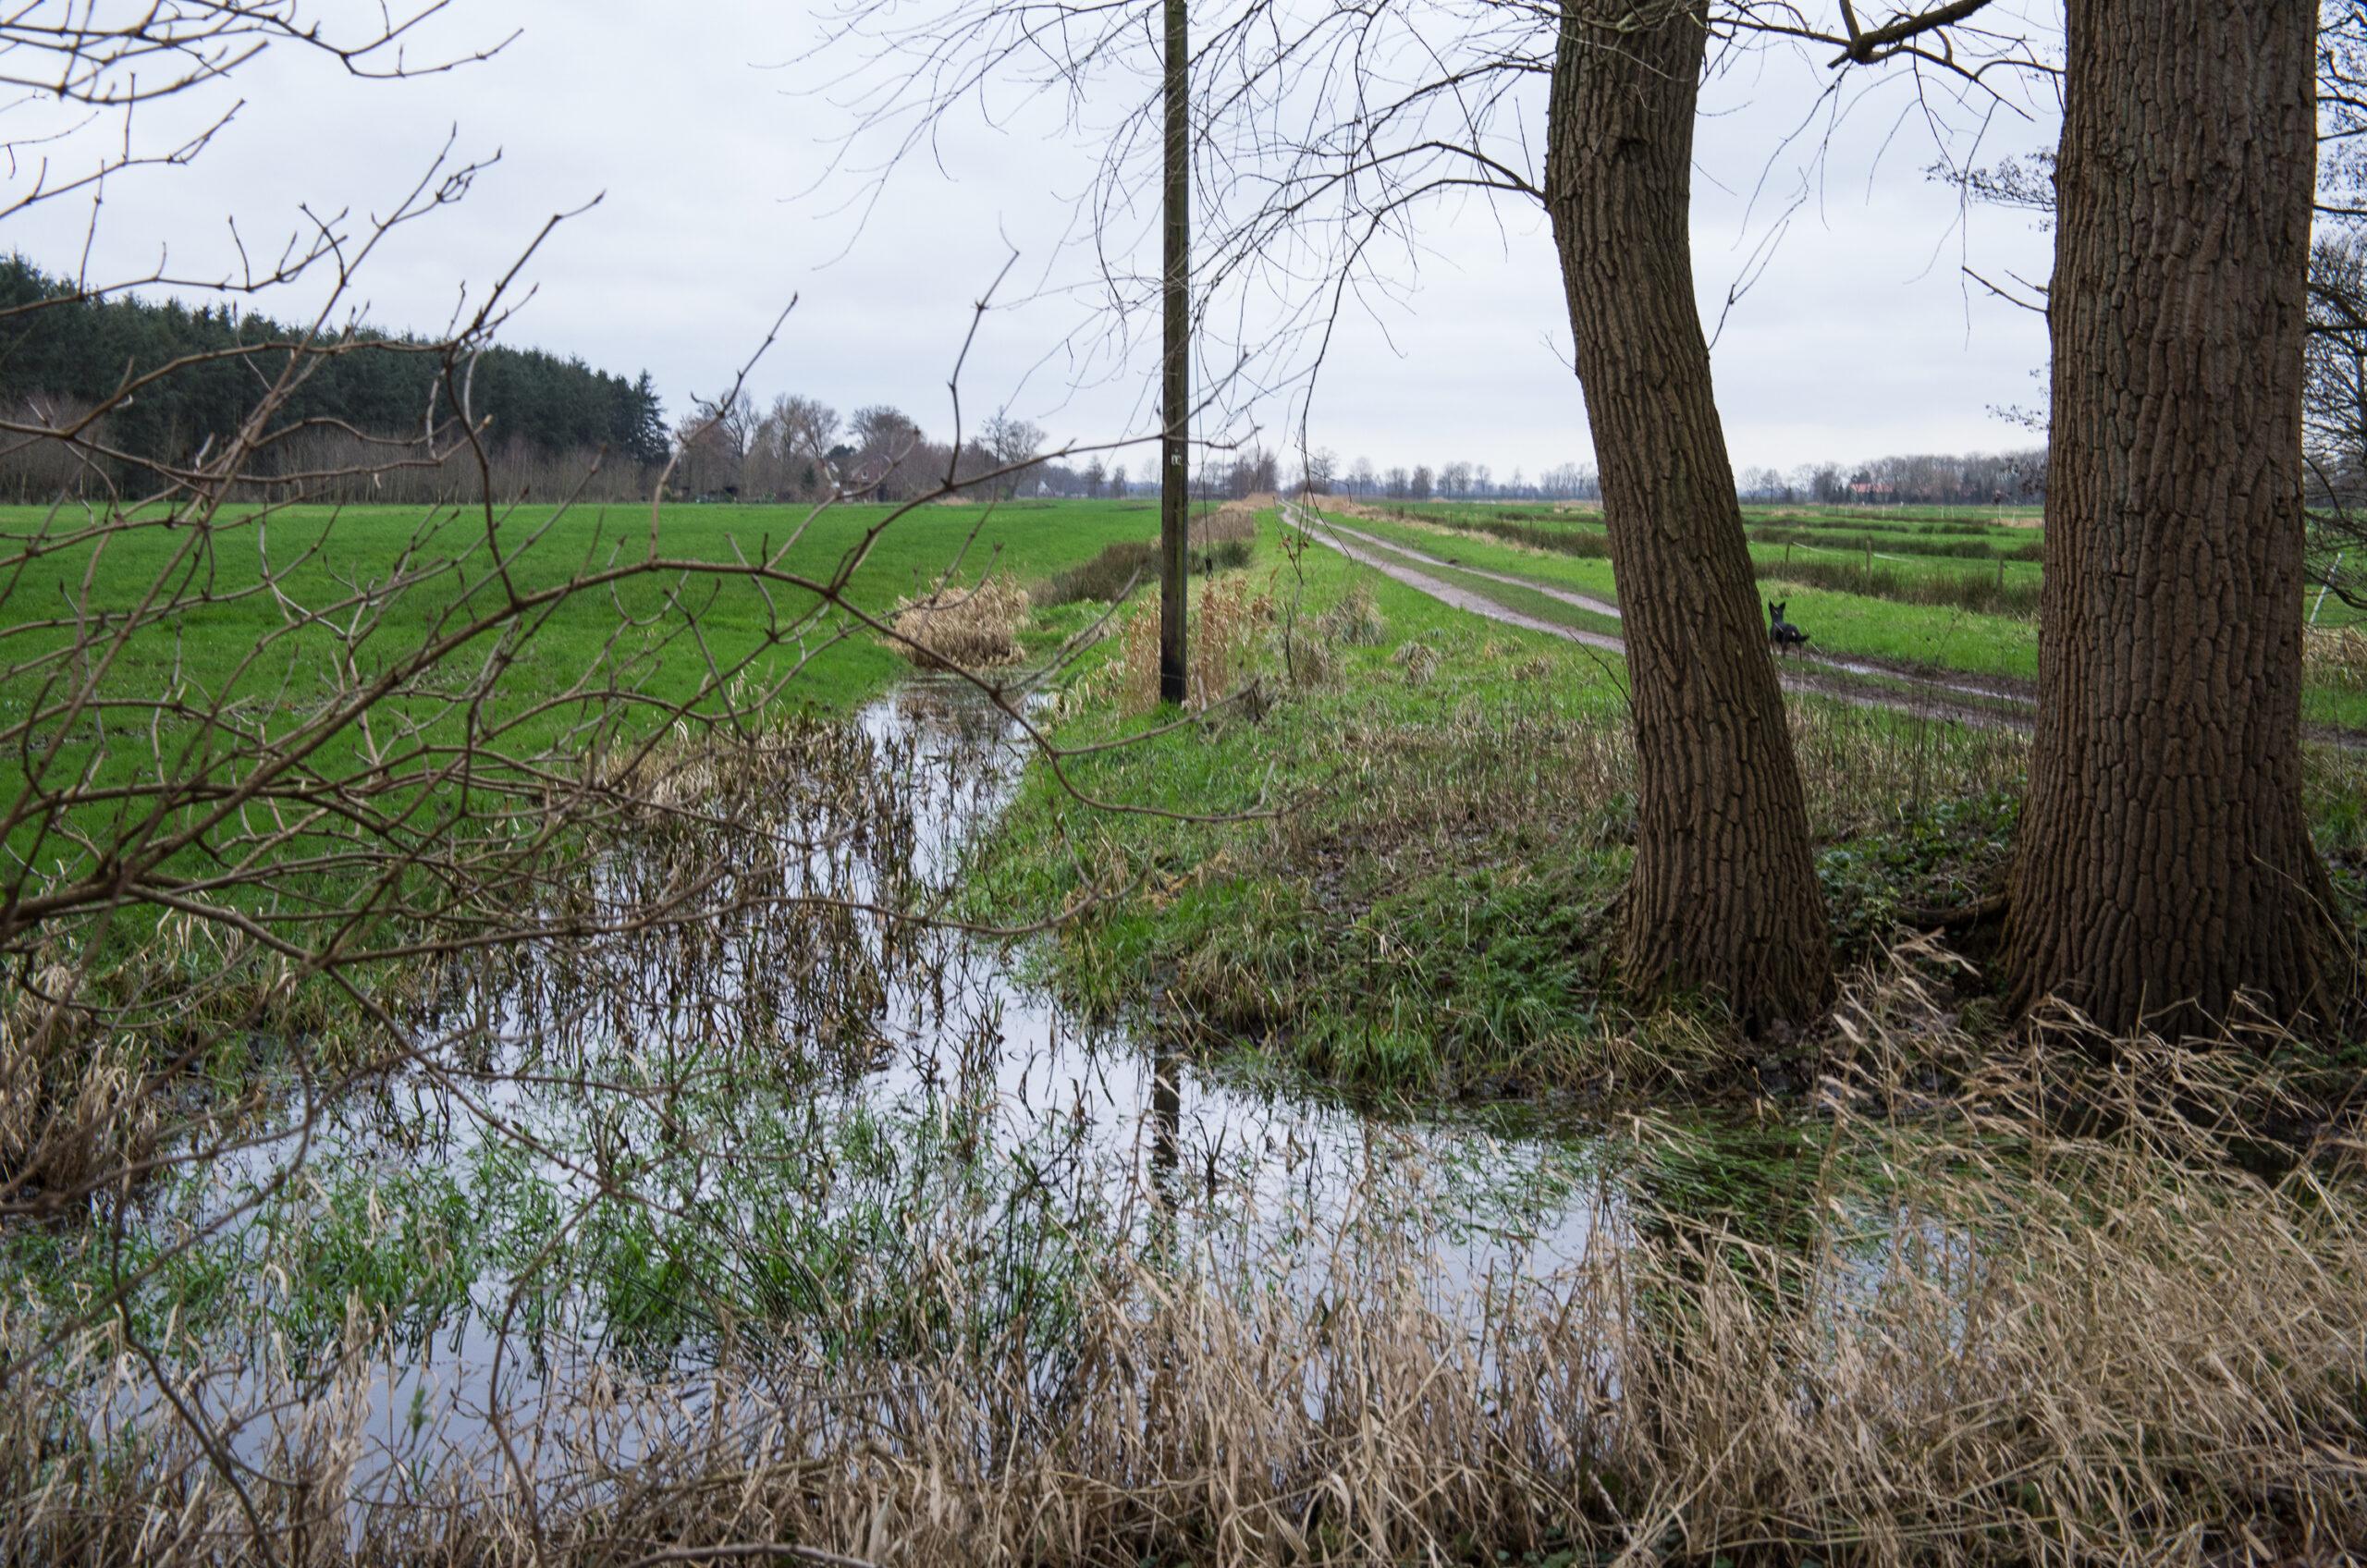 Weg zur Landstraße mit seitlichen Entwässerungsgräben